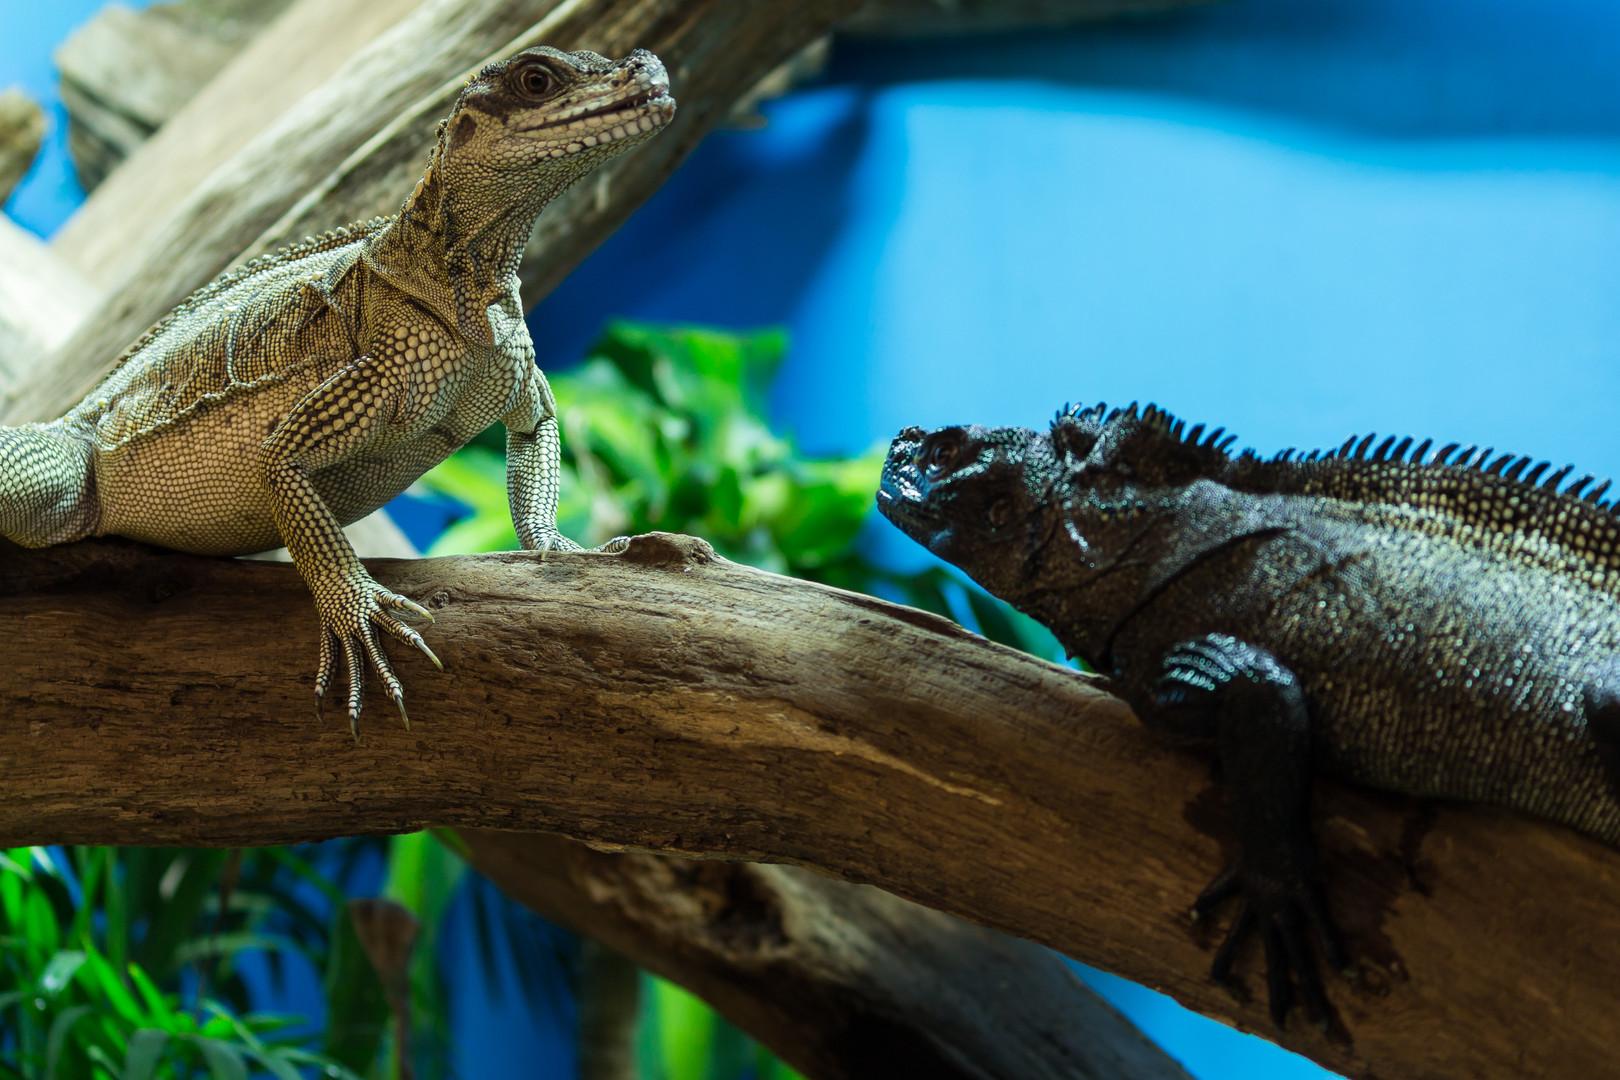 AMC_Reptile-5.JPG